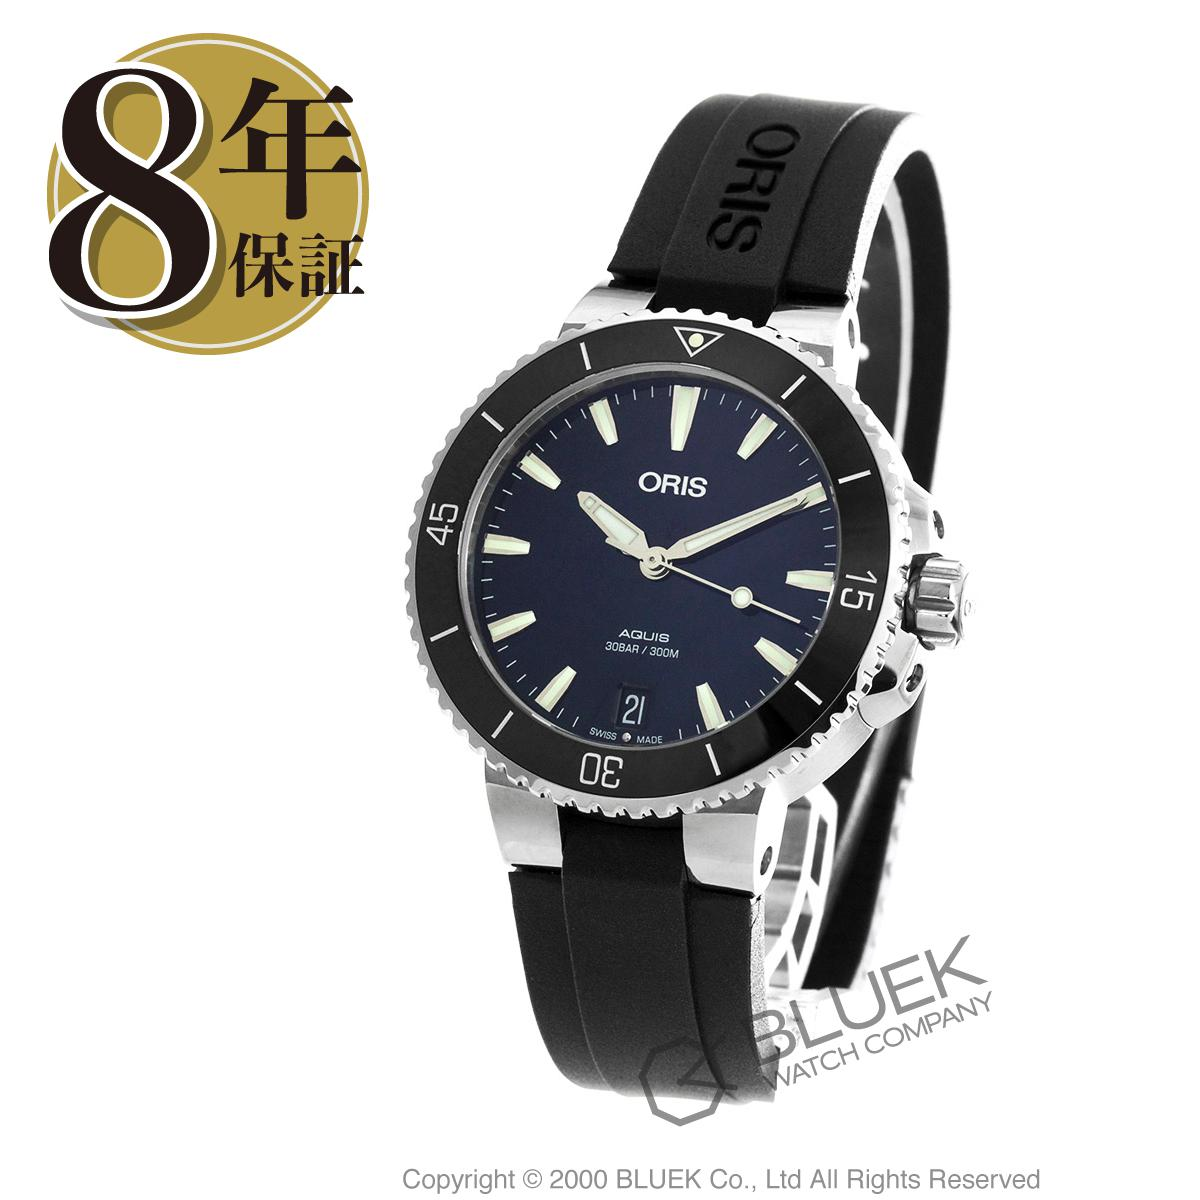 オリス アクイス デイト 300m防水 腕時計 レディース ORIS 733 7731 4135R_8